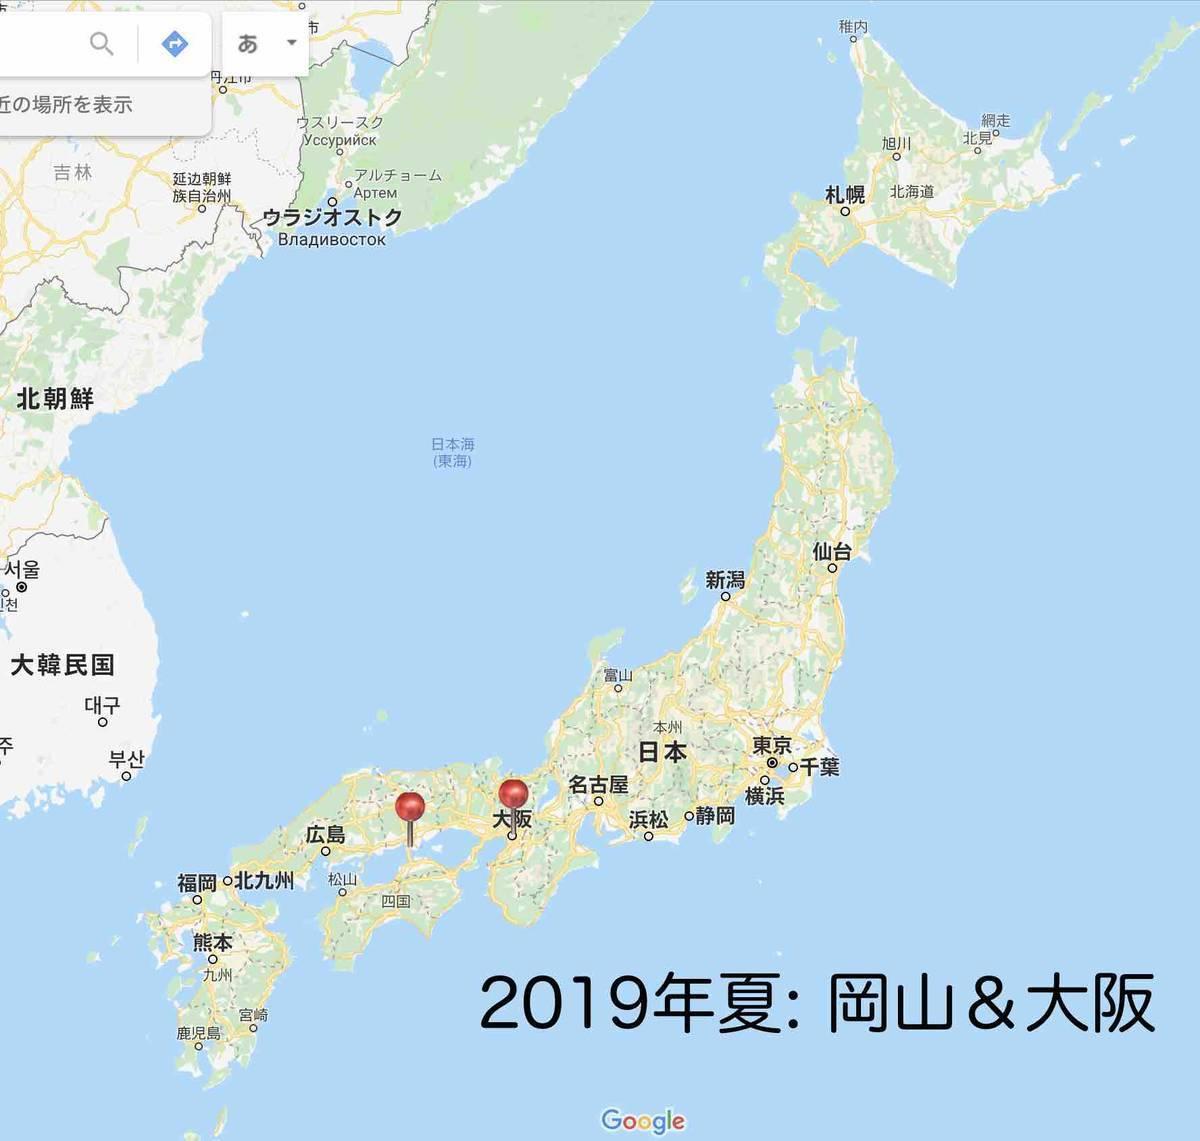 f:id:kaedetaniyoshi:20190620025140j:plain